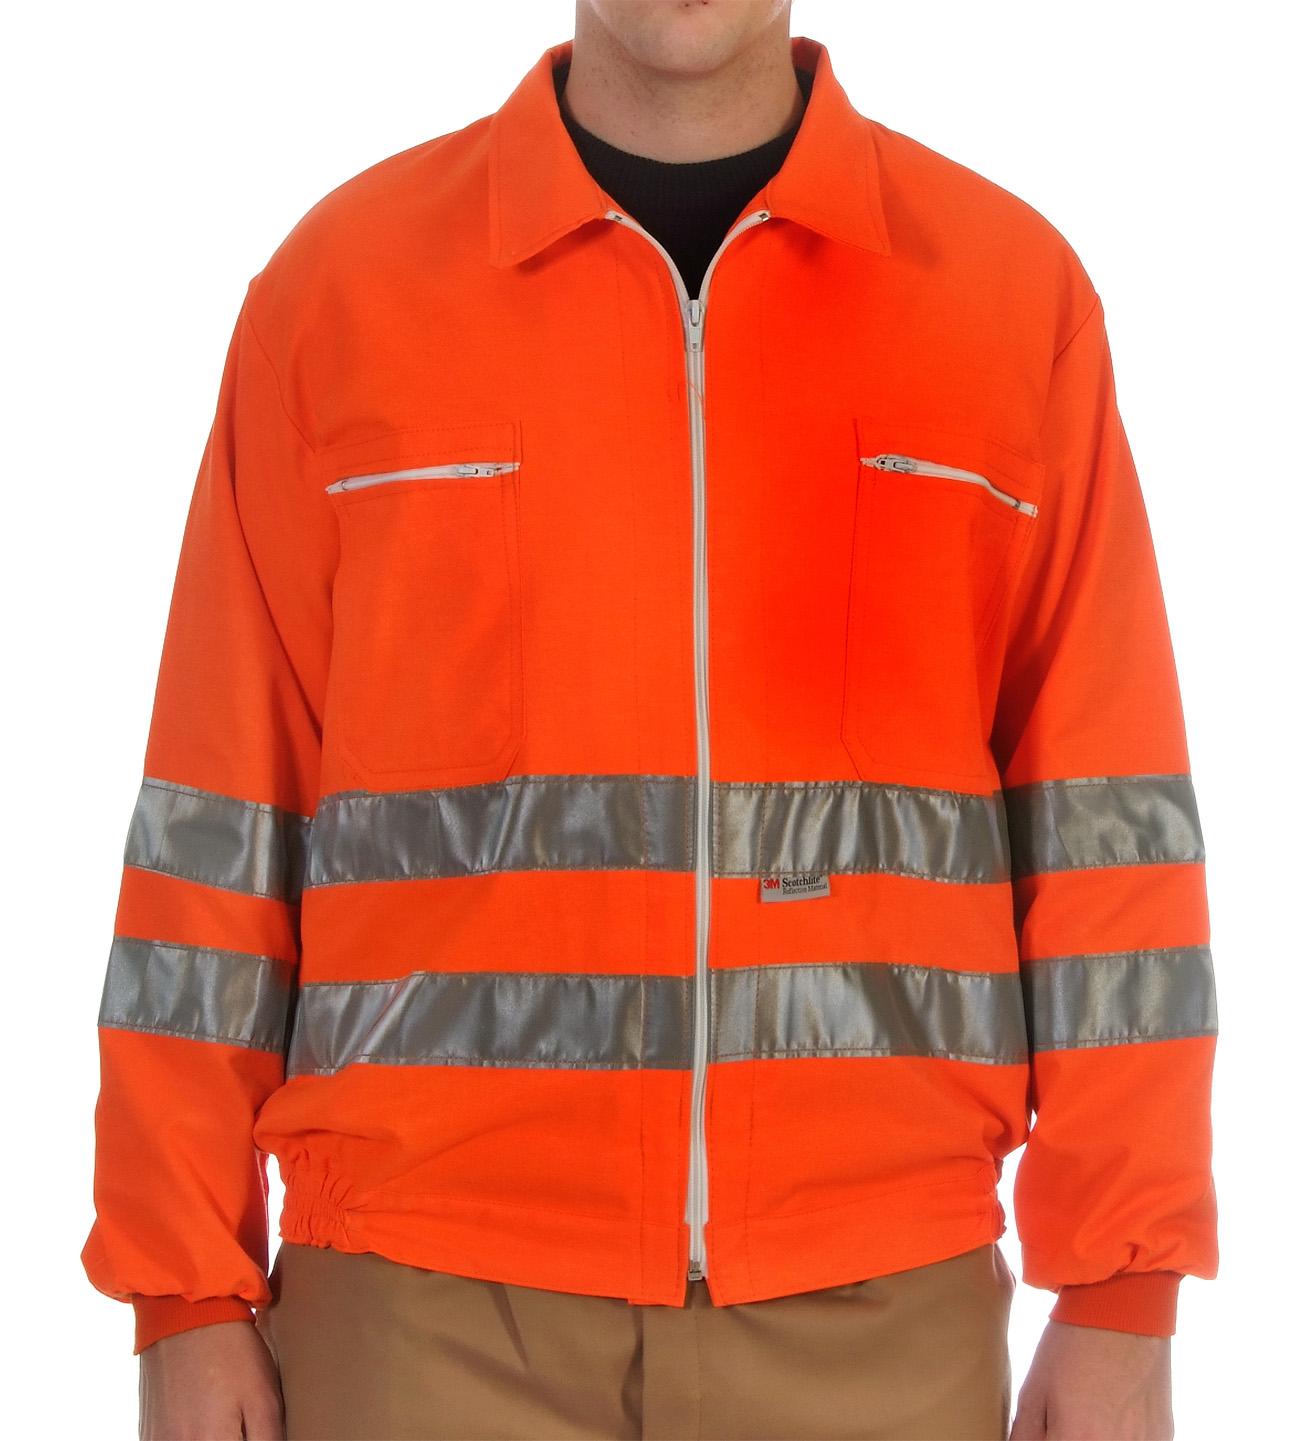 Orange hi-visibility jacket Image